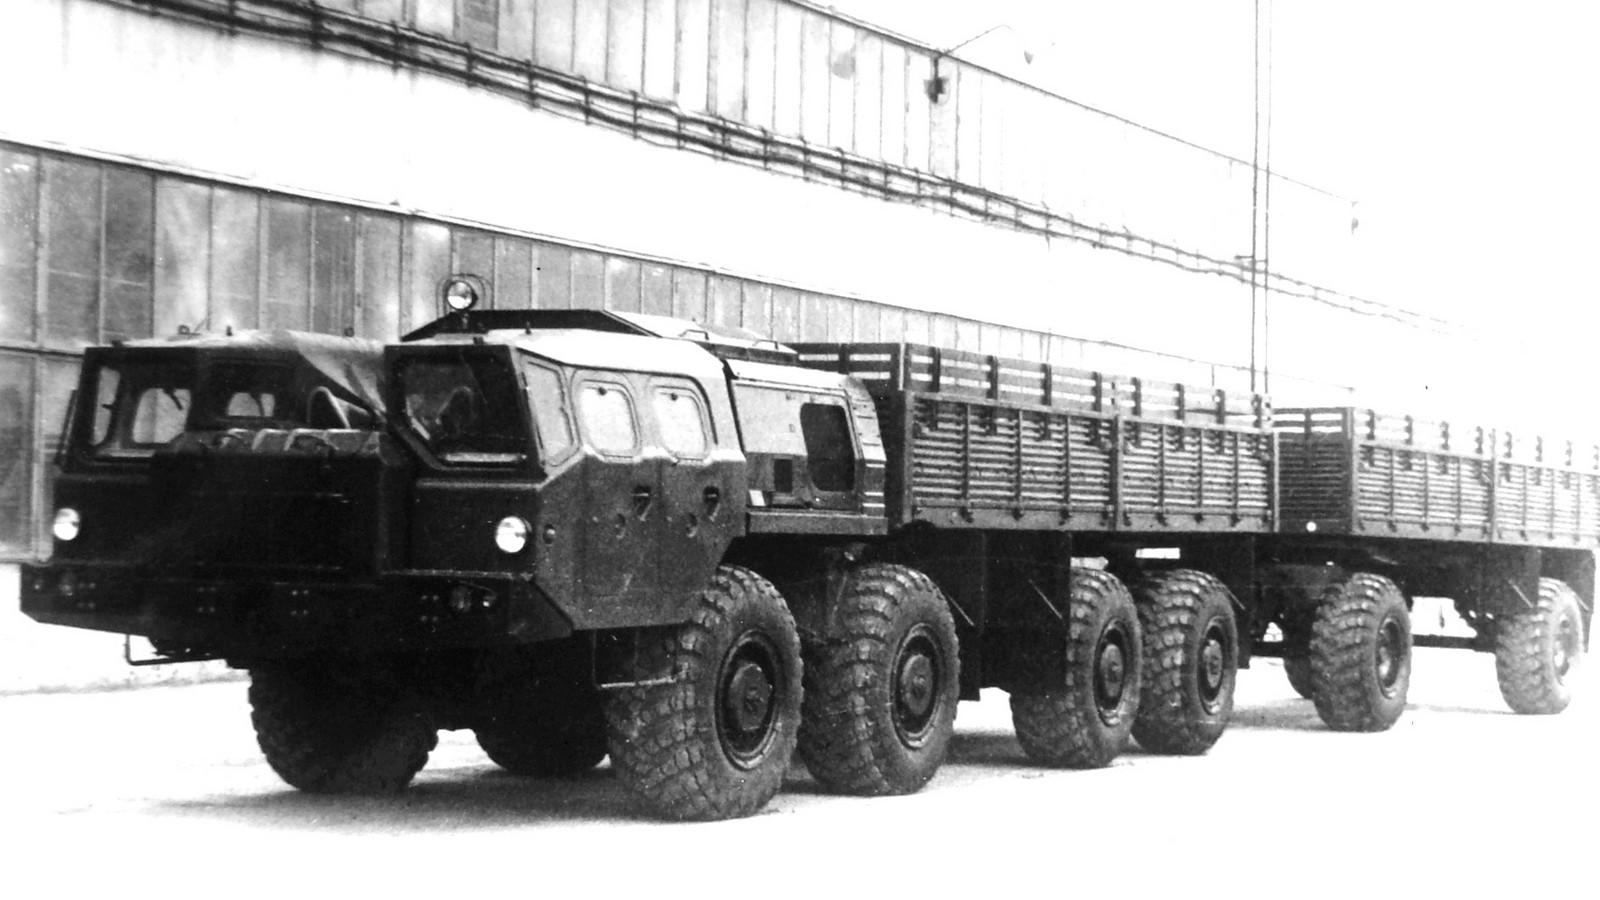 Бортовой автомобиль МАЗ-7911 «Оплот-А» с прицепом МАЗ-8950